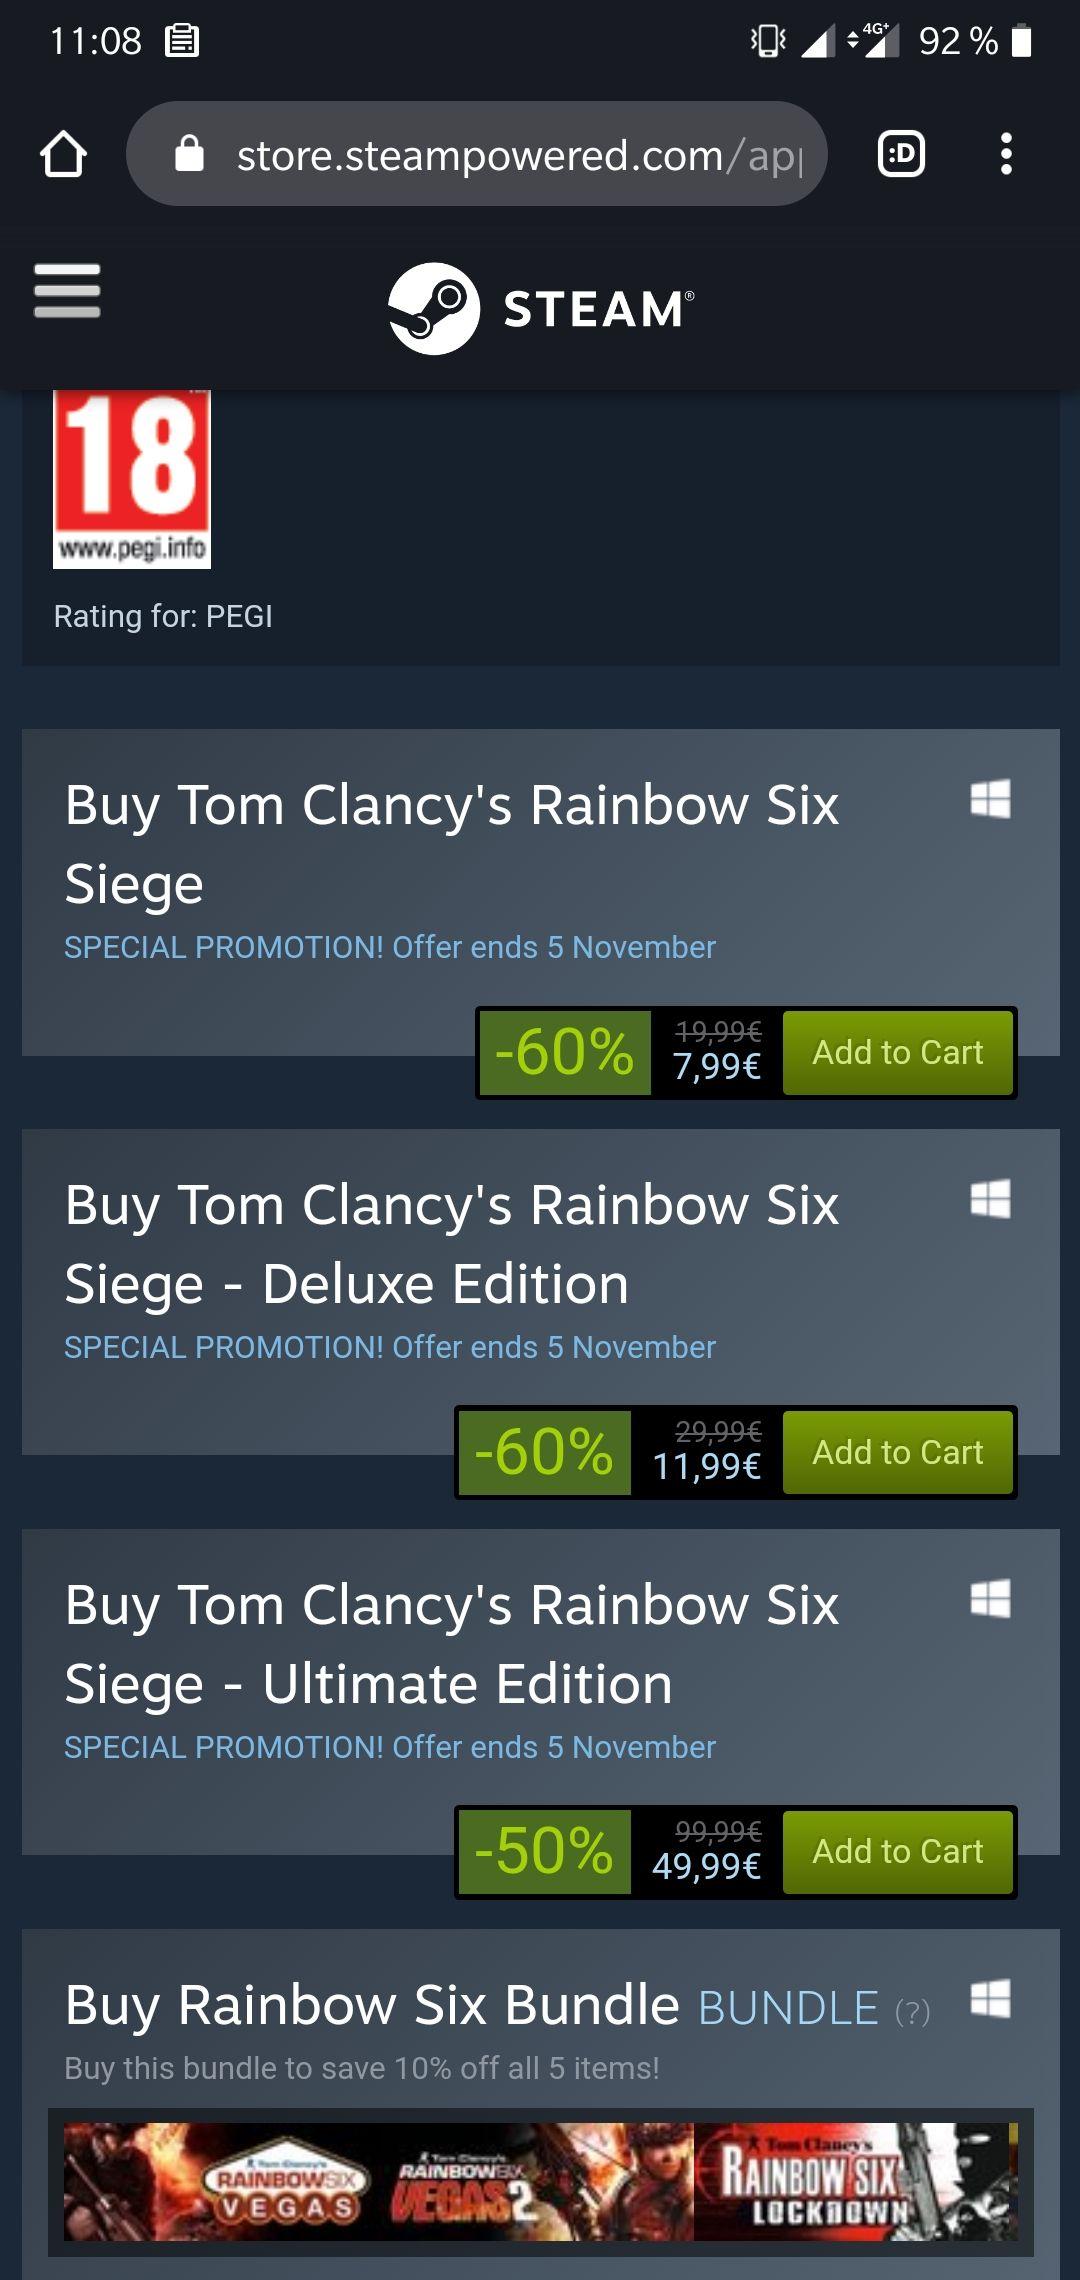 Tom Clancy's Rainbow Six Siege [PC] -60%, -50%!